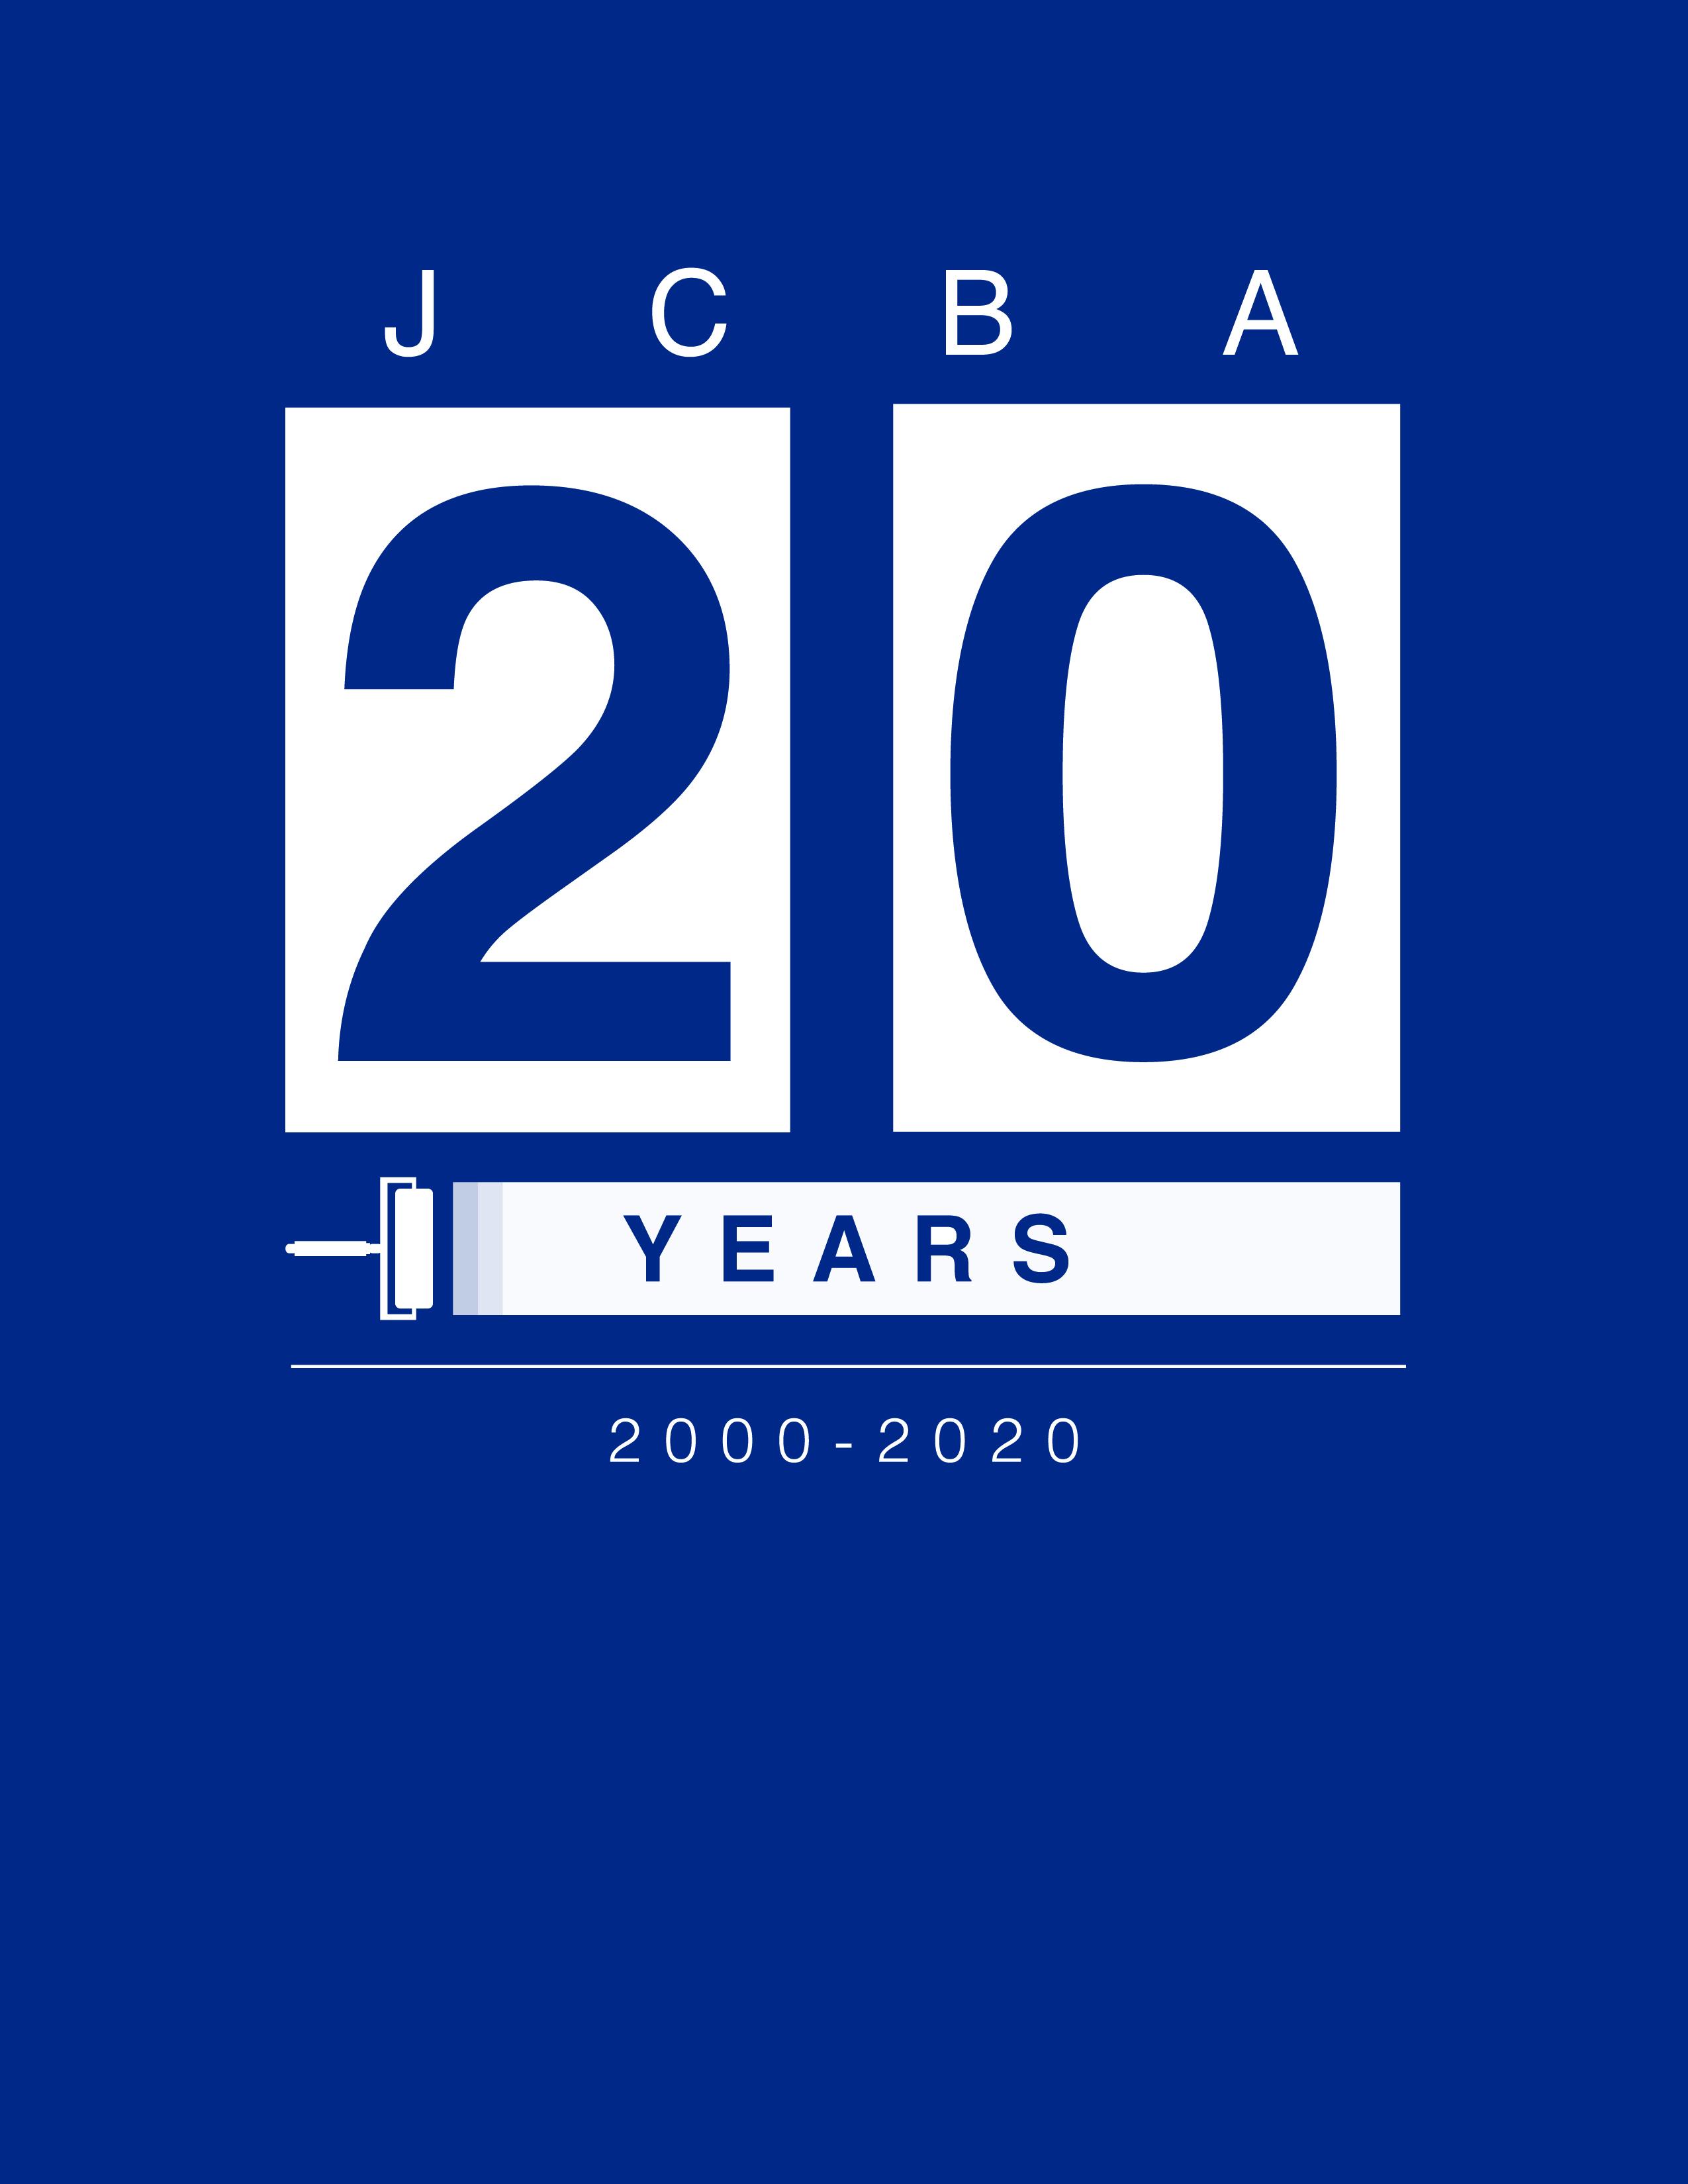 JCBA Twenty Year Anniversary Banner